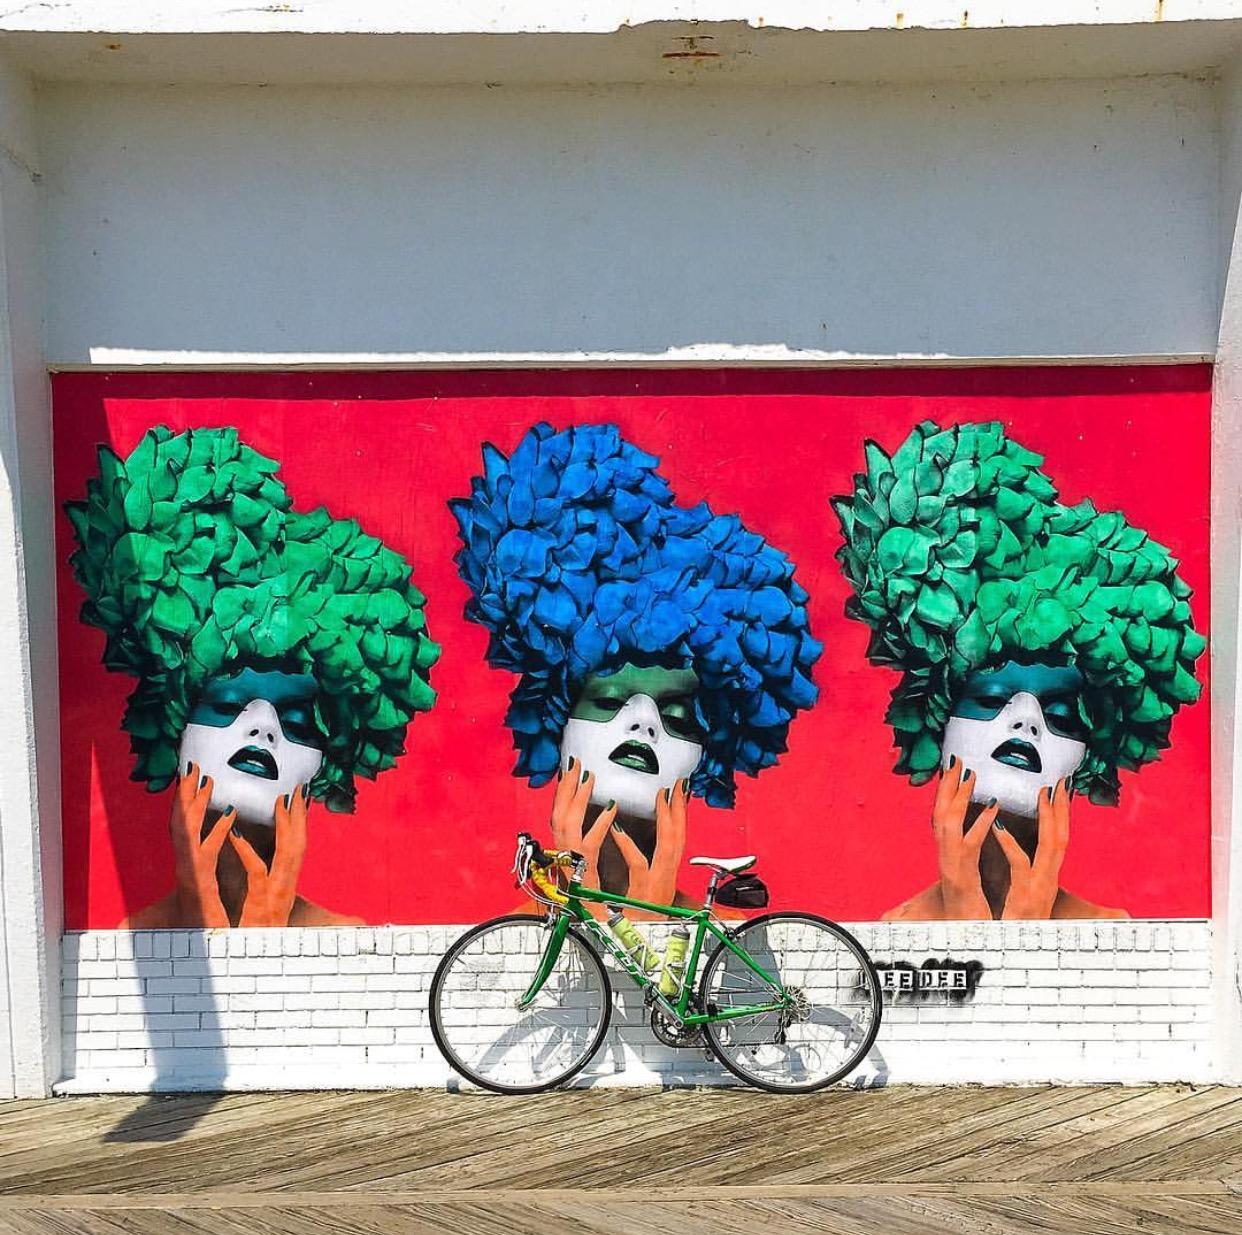 Asbury Mural, 2017